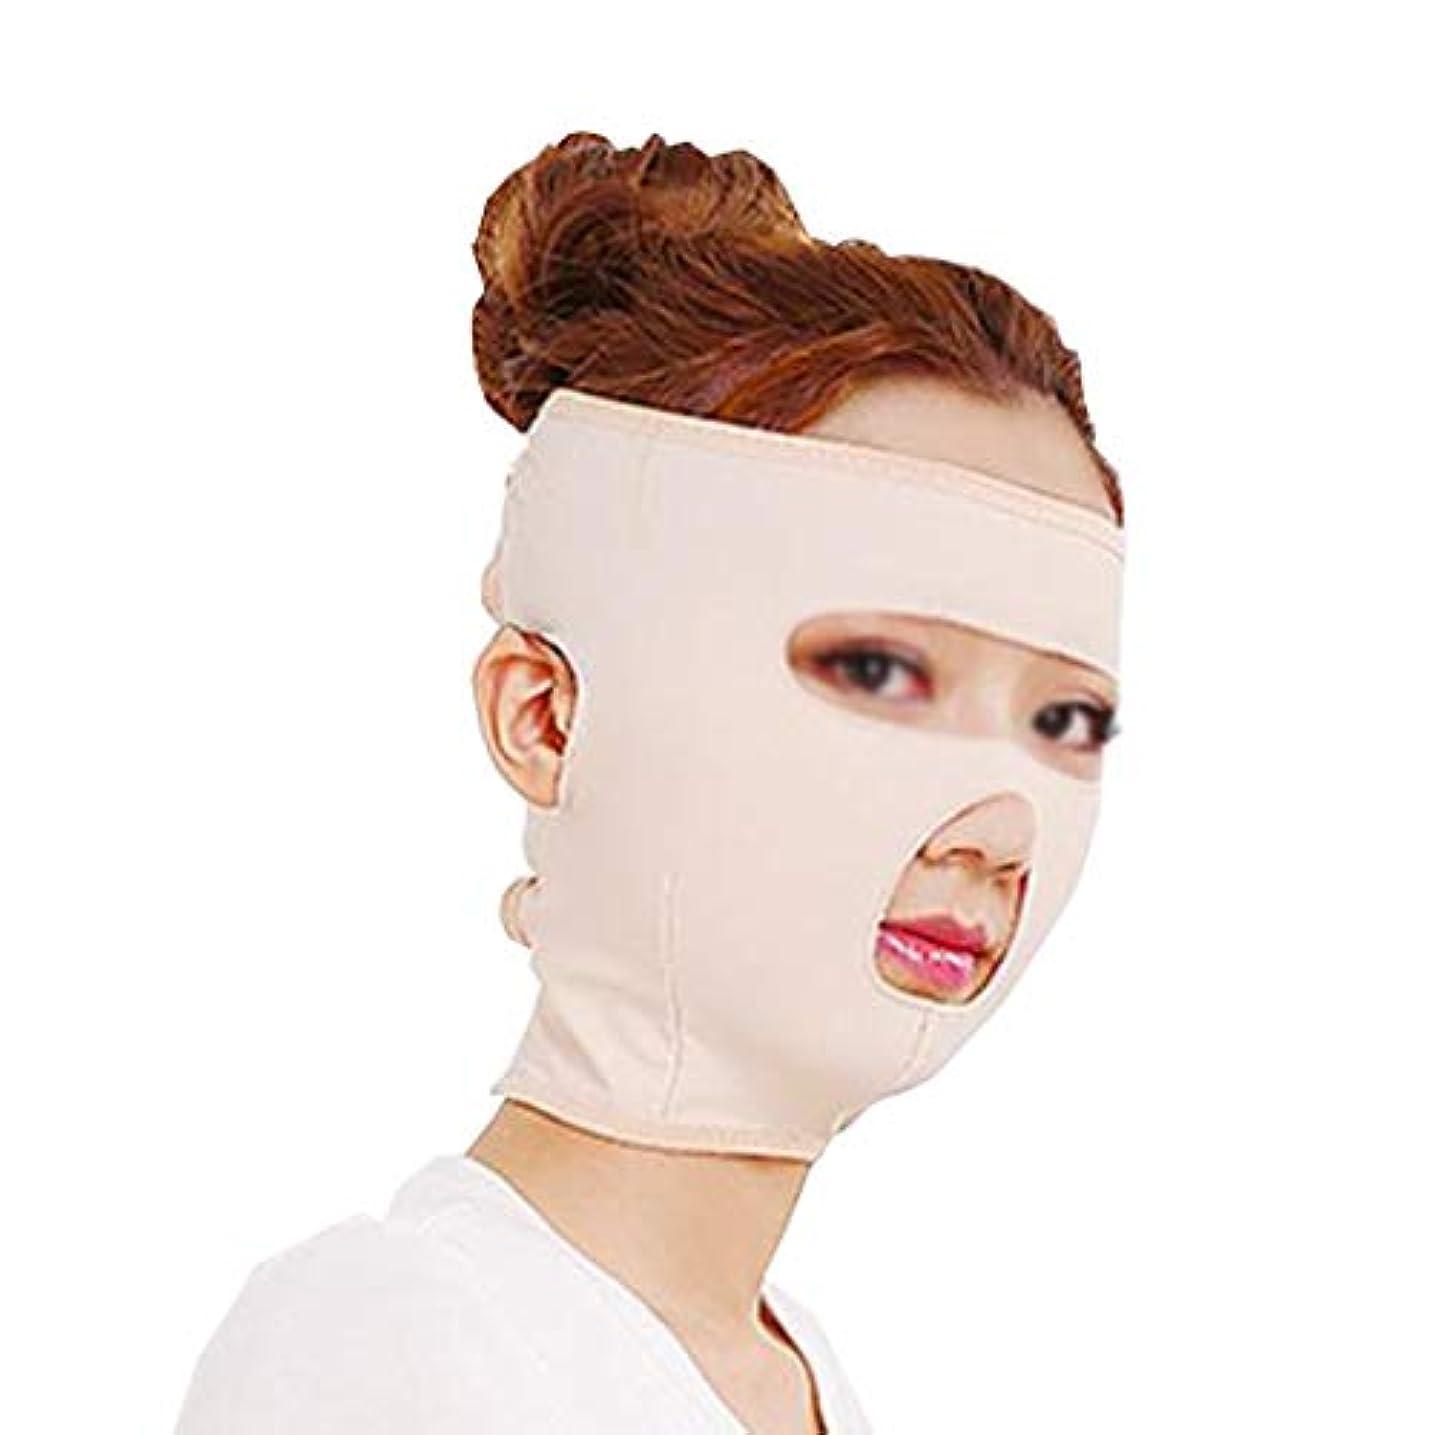 裏切るグラディスイーウェルZWBD フェイスマスク, 強力なフェイスマスクフェイスマスクフェイスウェイトバンデージファーミングフェイスマスクフェイスマスク